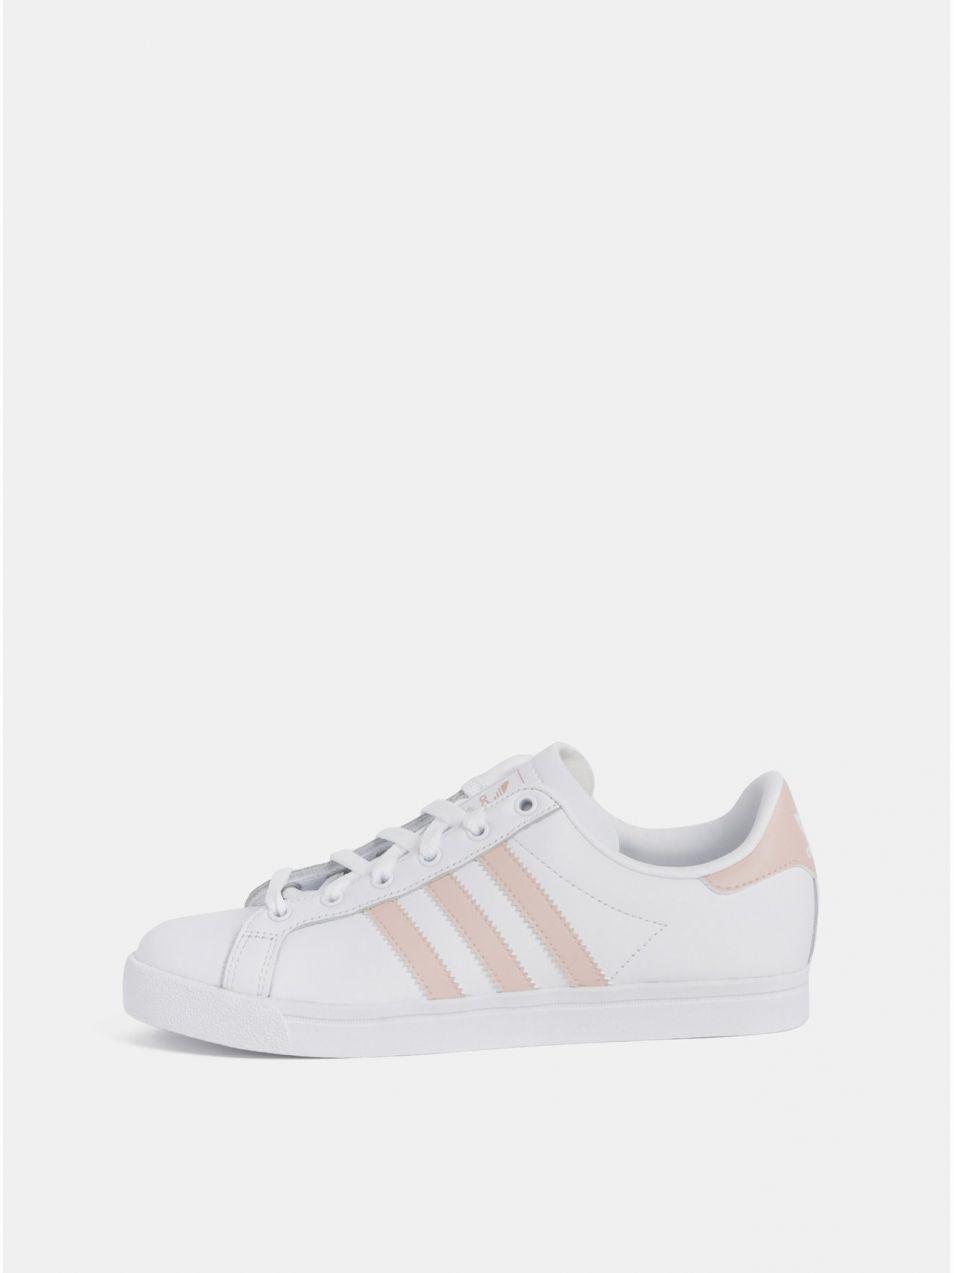 e374d948875dd Biele dámske kožené tenisky adidas Originals Coast Star značky ...